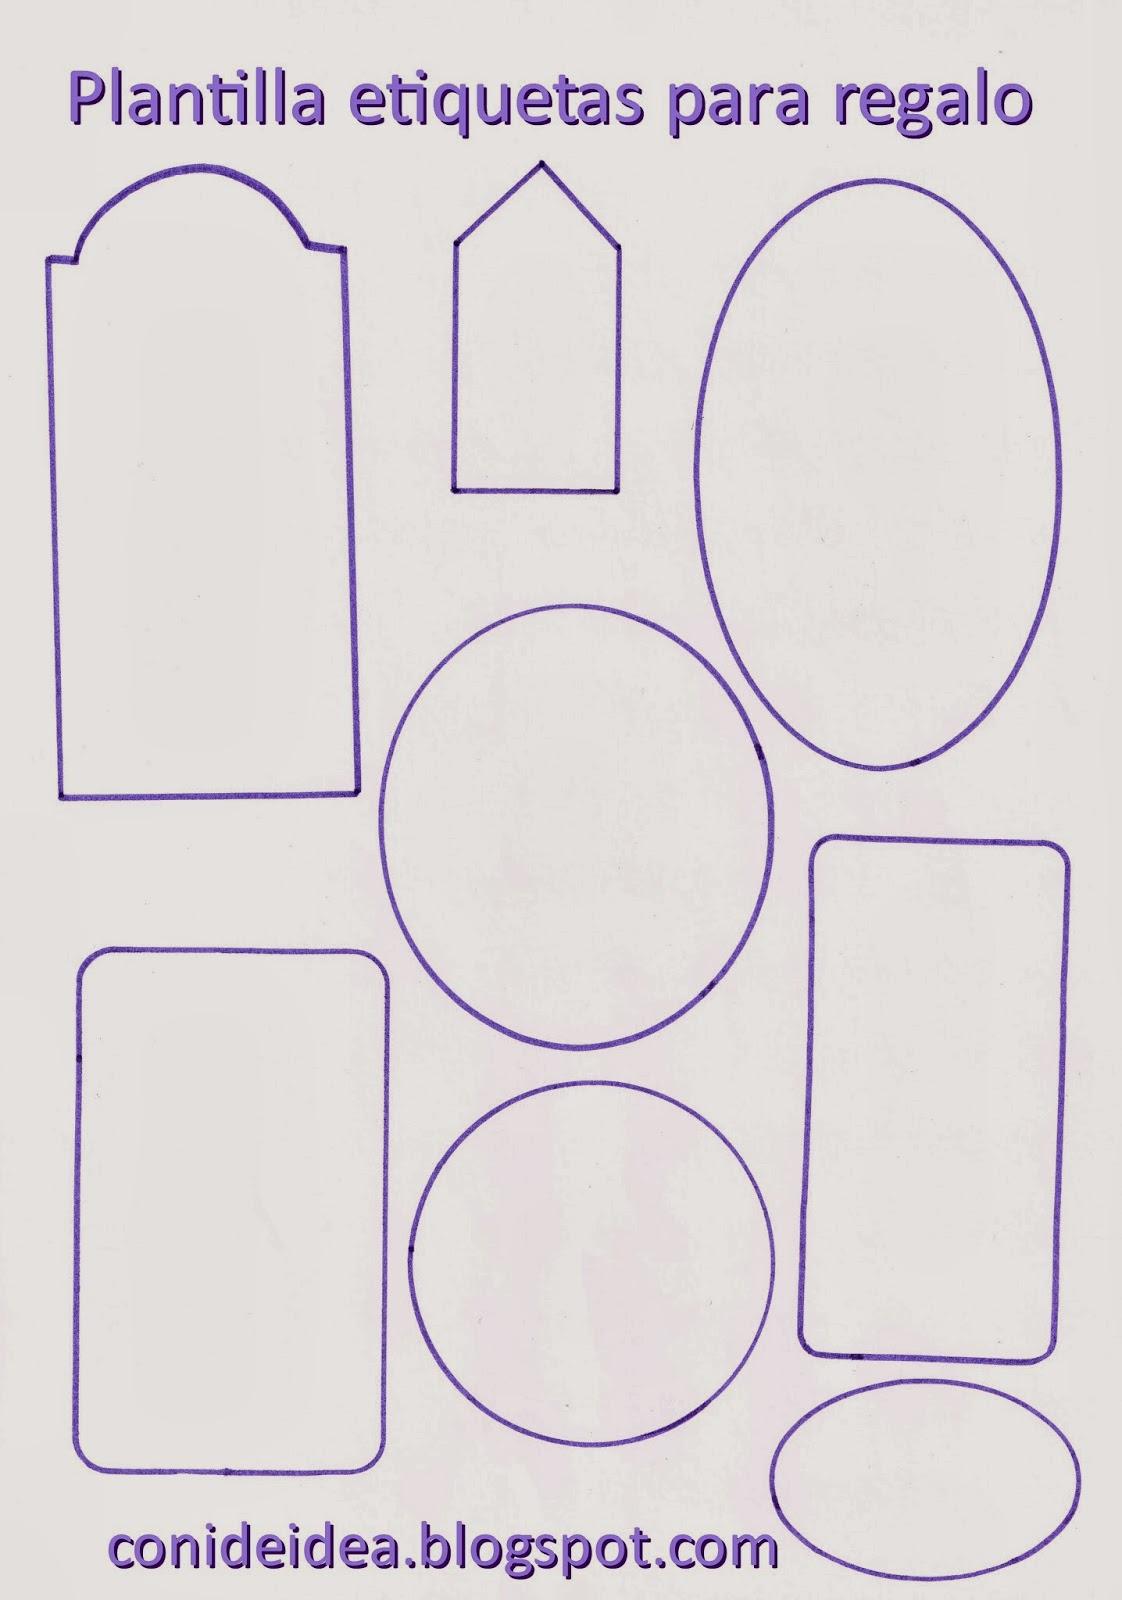 Manualidades con i de idea etiquetas para regalos - Etiquetas para regalos para imprimir ...